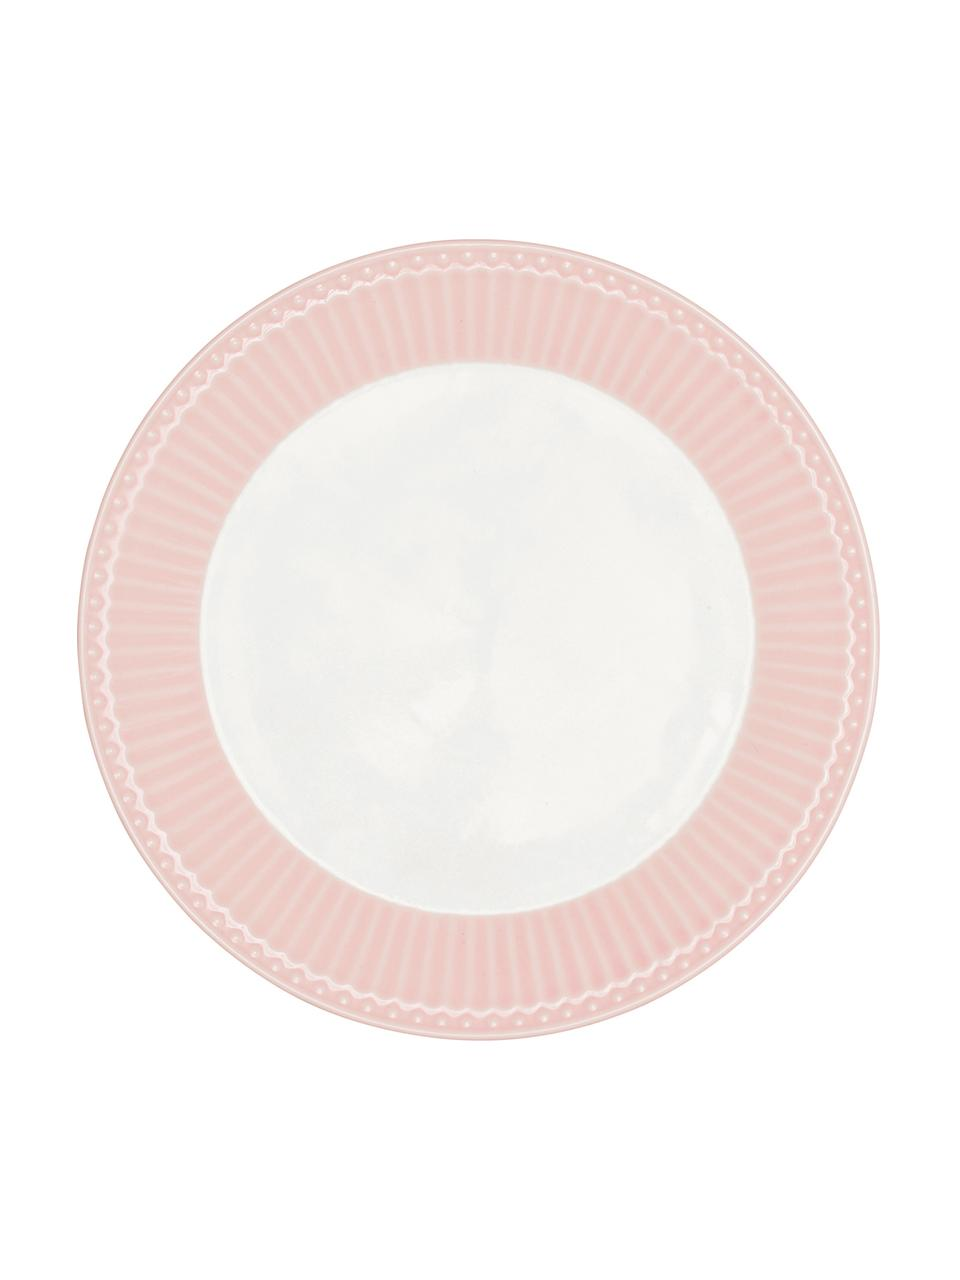 Assiettes à dessert en porcelaine Alice, 2pièces, Rose, blanc